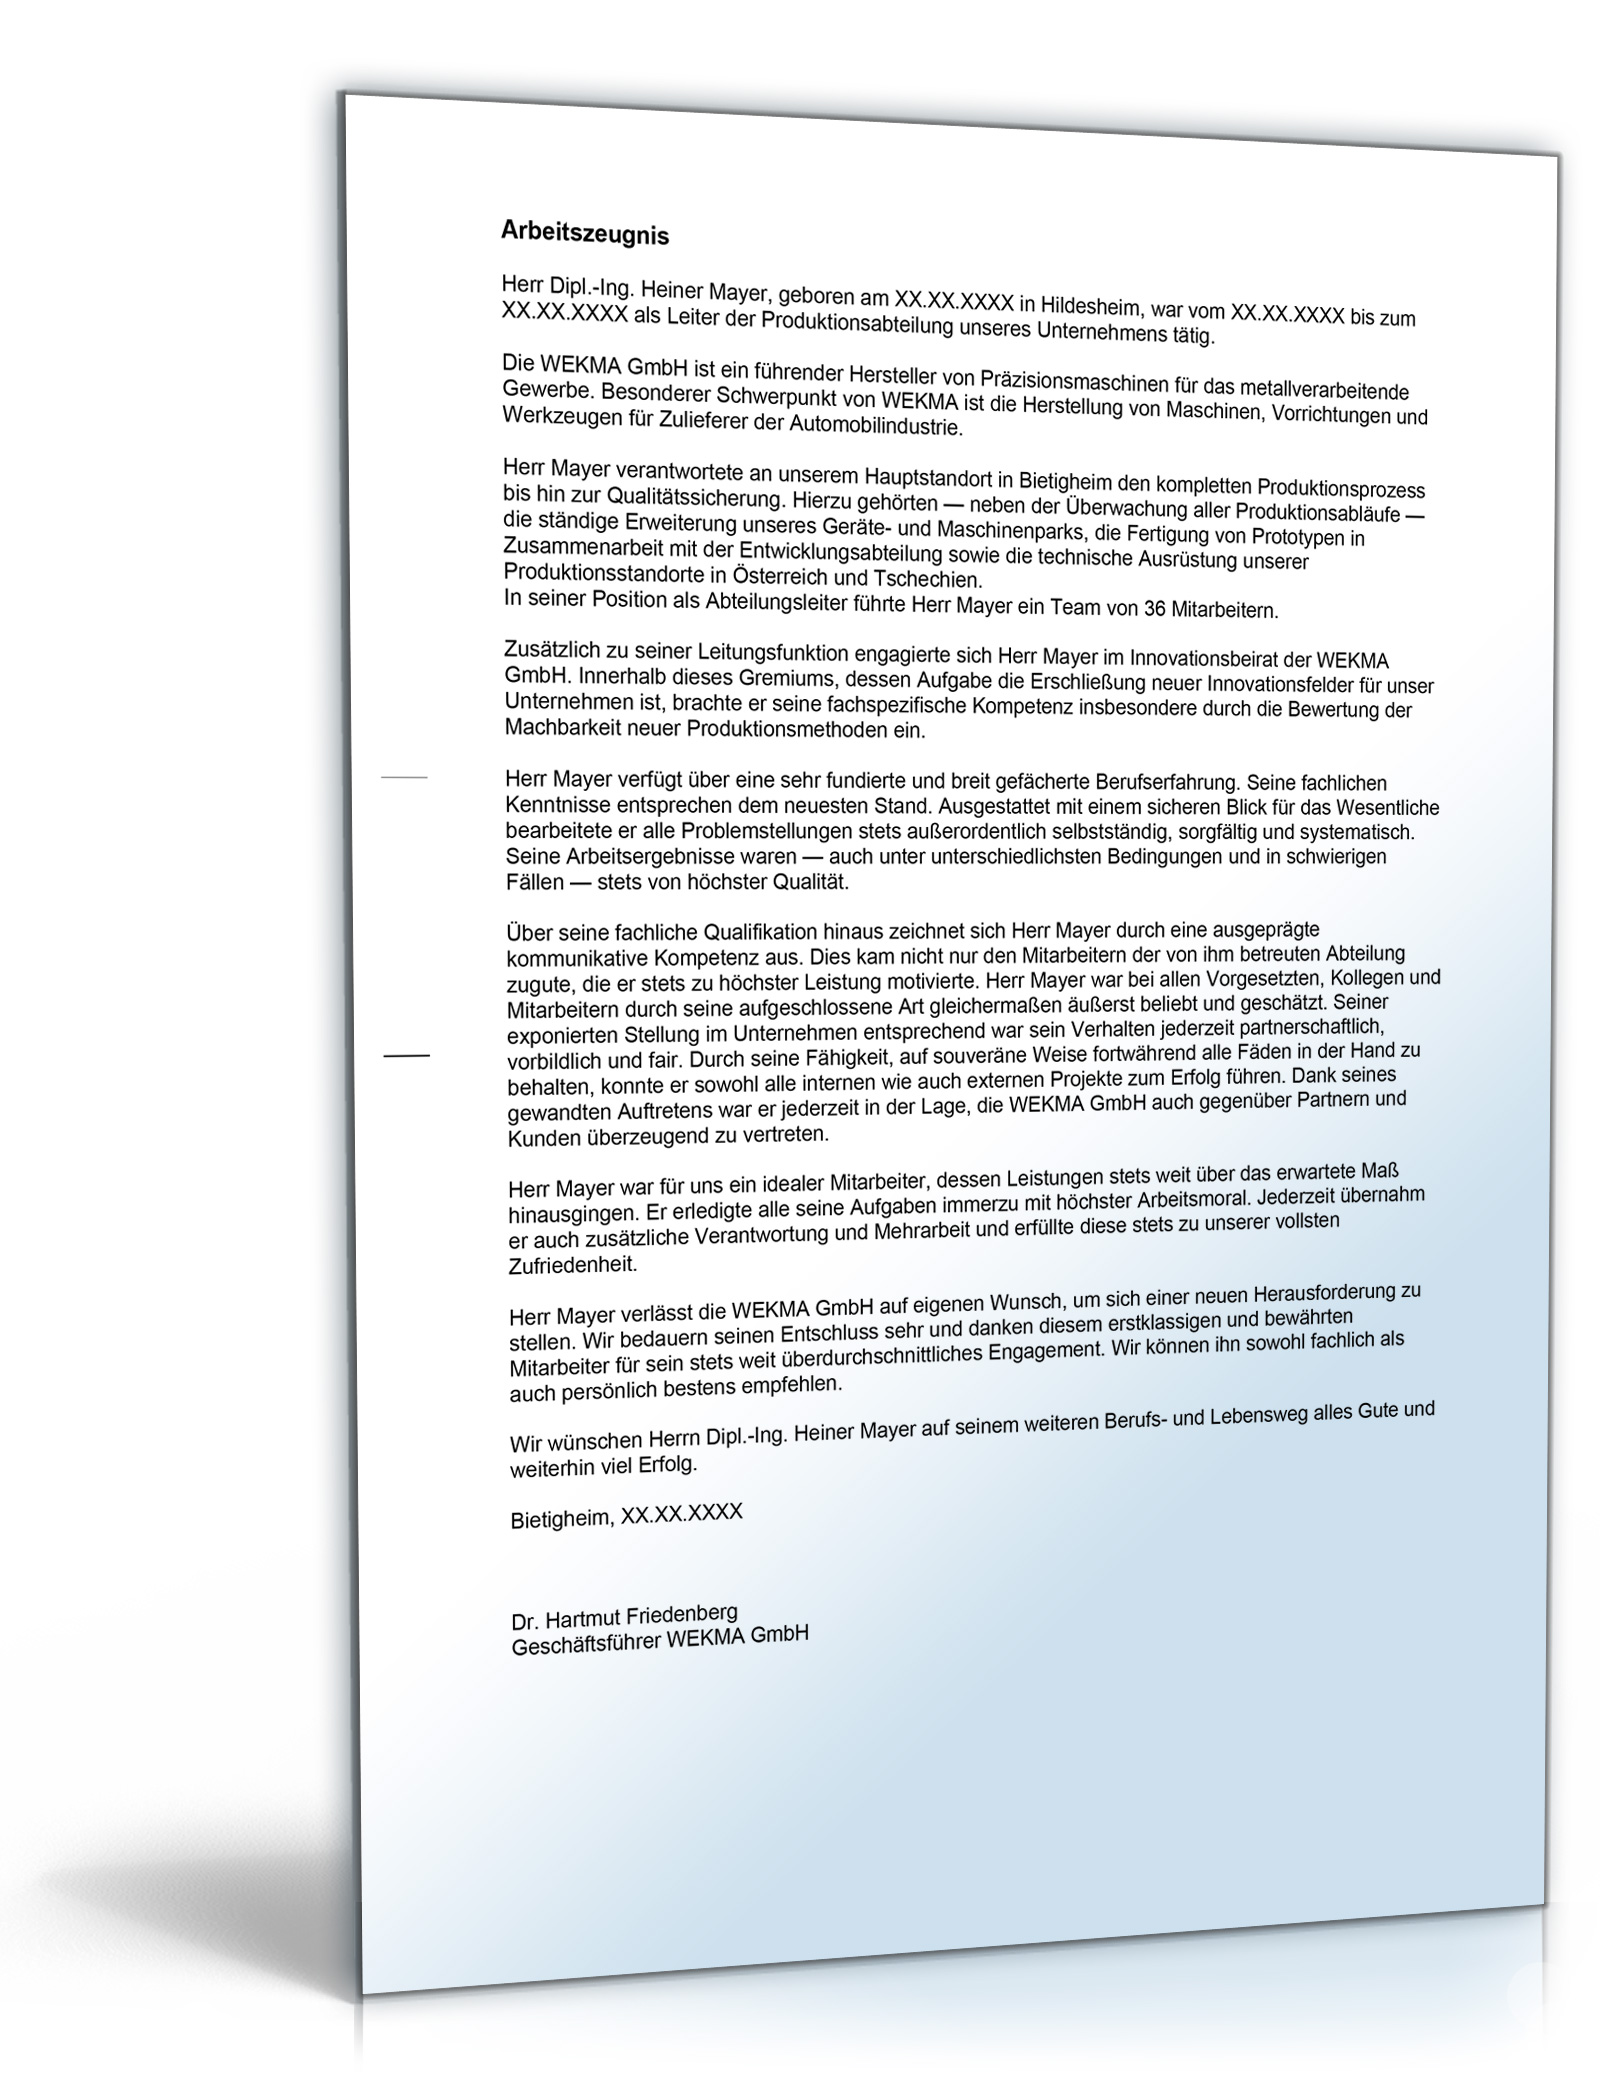 Arbeitszeugnis Führungskraft Note Eins zum Download [Word Dokument] (Unternehmen Legal Software)